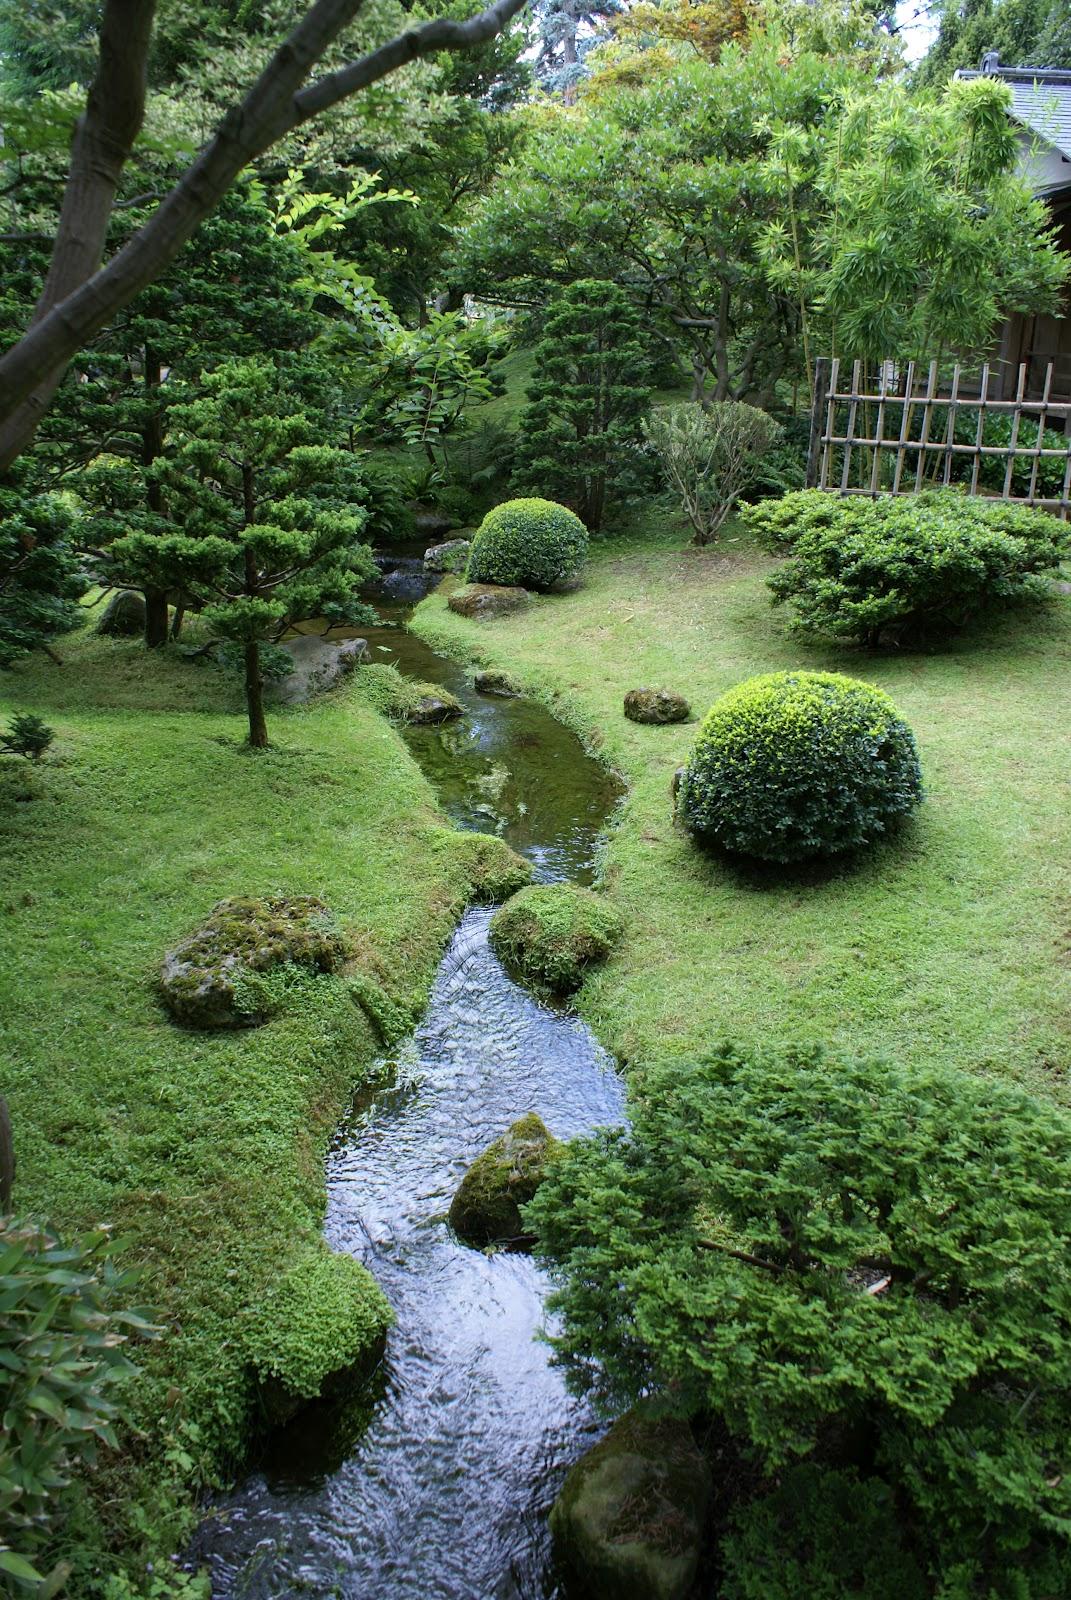 Un autre endroit idyllique demysteafication for Albert kahn jardin japonais